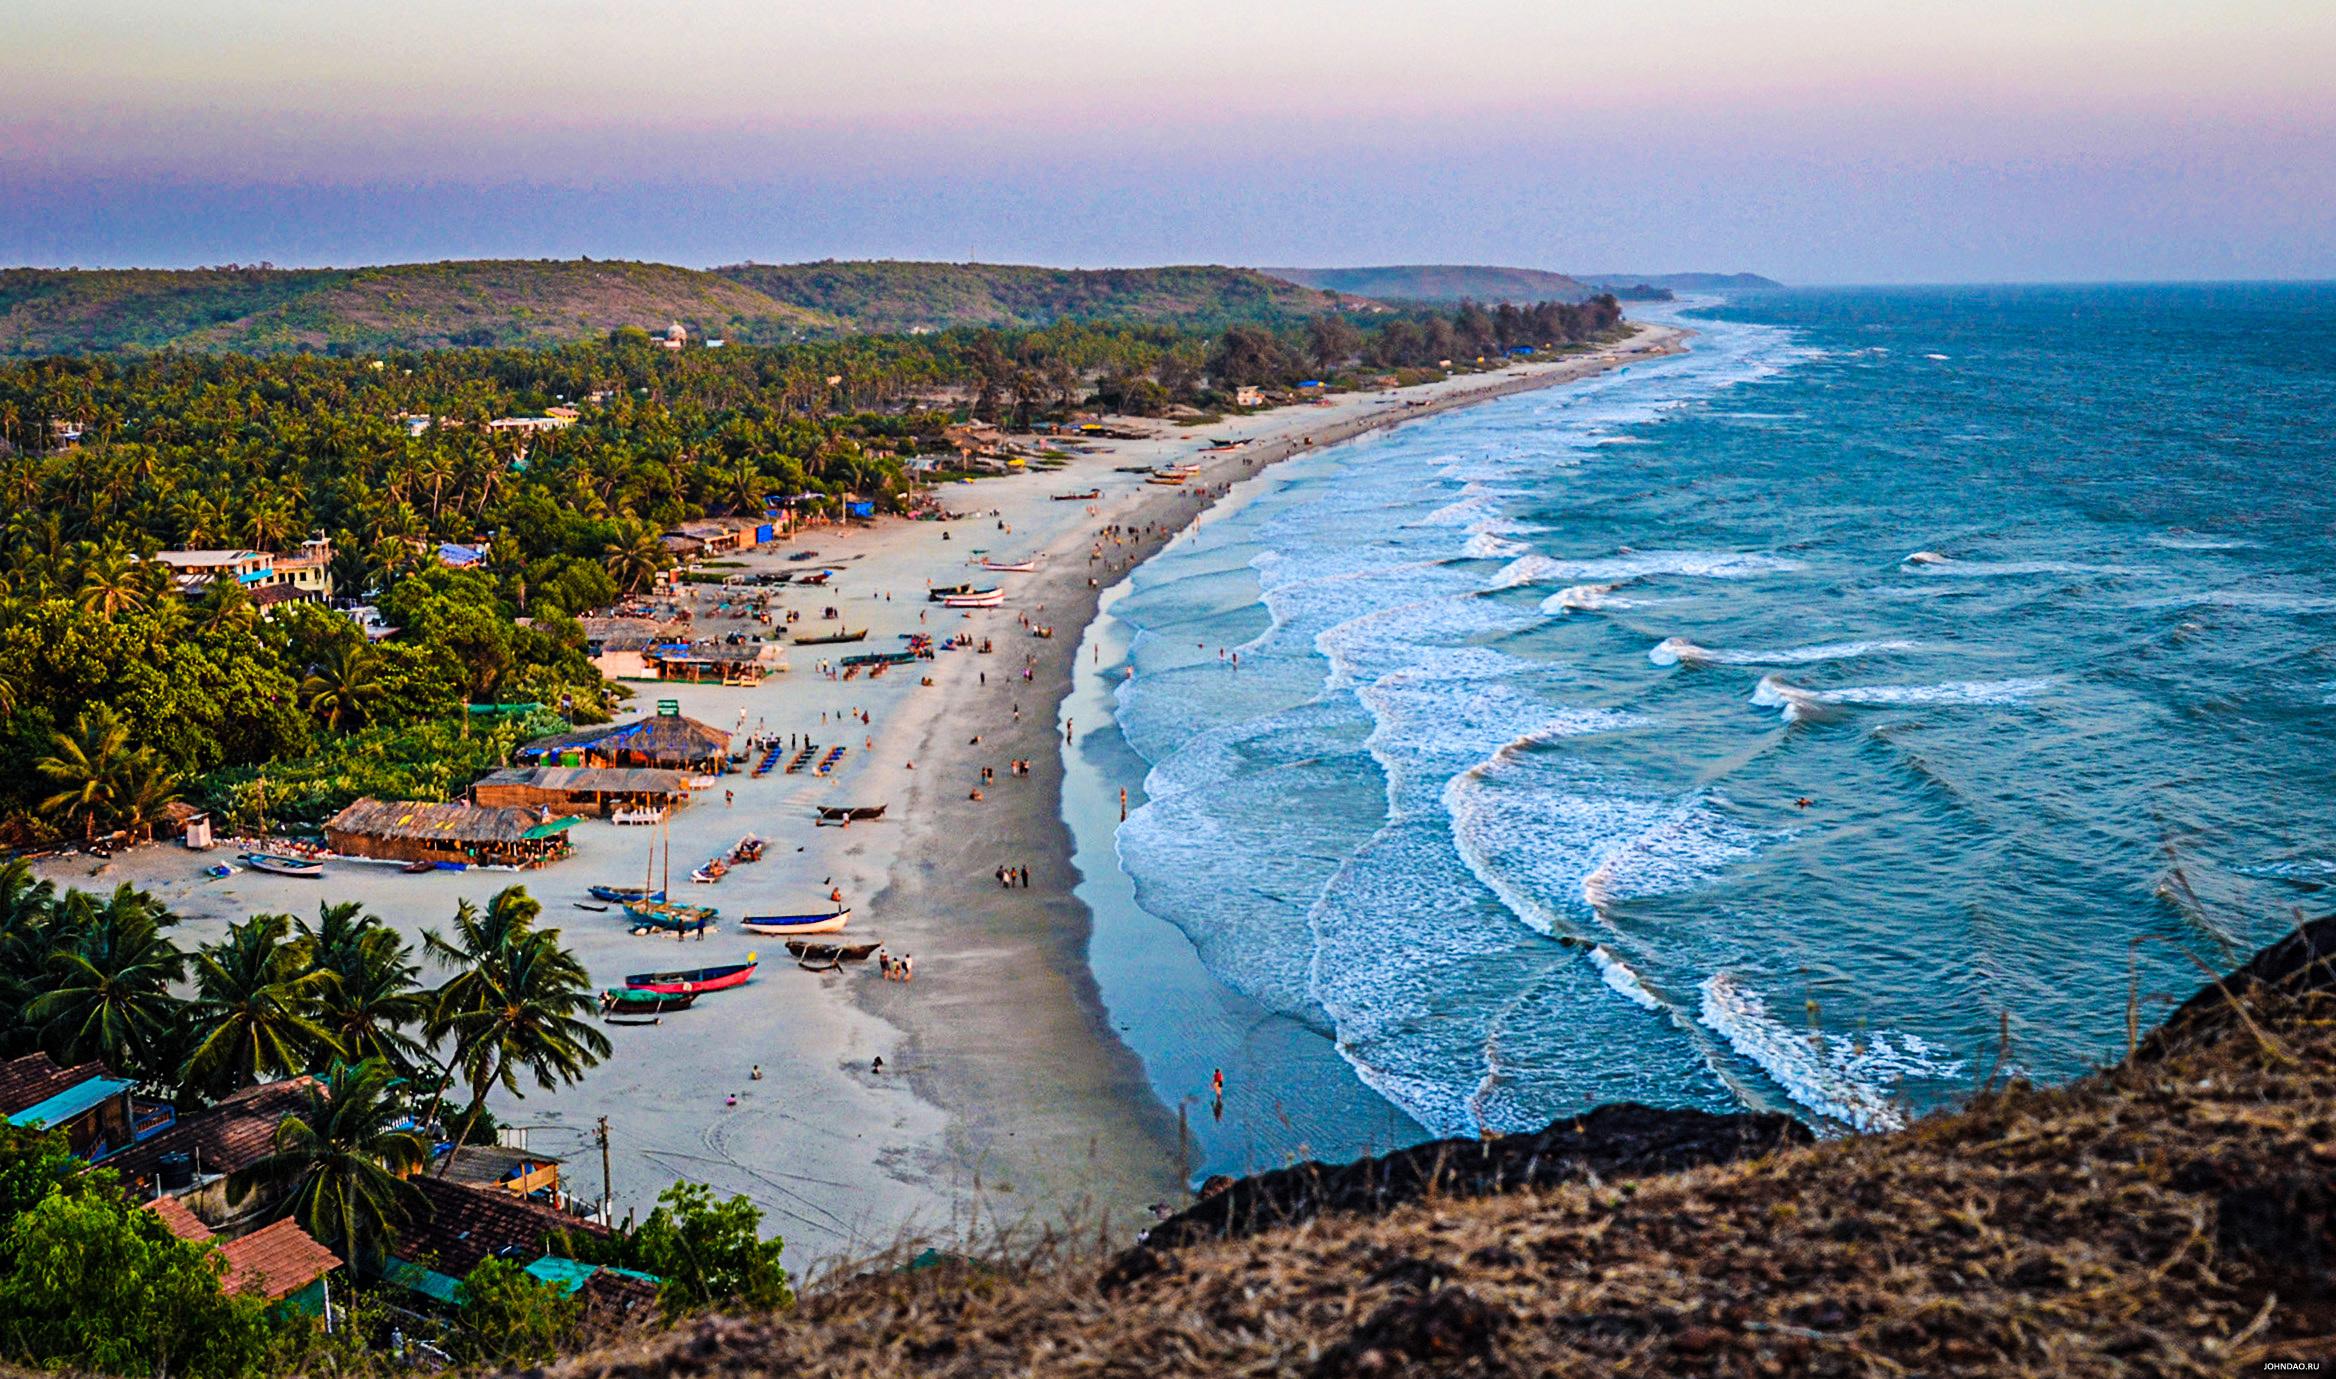 samadhi-yoga-goa-jessica-vilches-yoga-teacher-training-ashtanga-vinyasa-200-hrs-yoga-alliance-india-arambol-goa-beach-bali-ubud